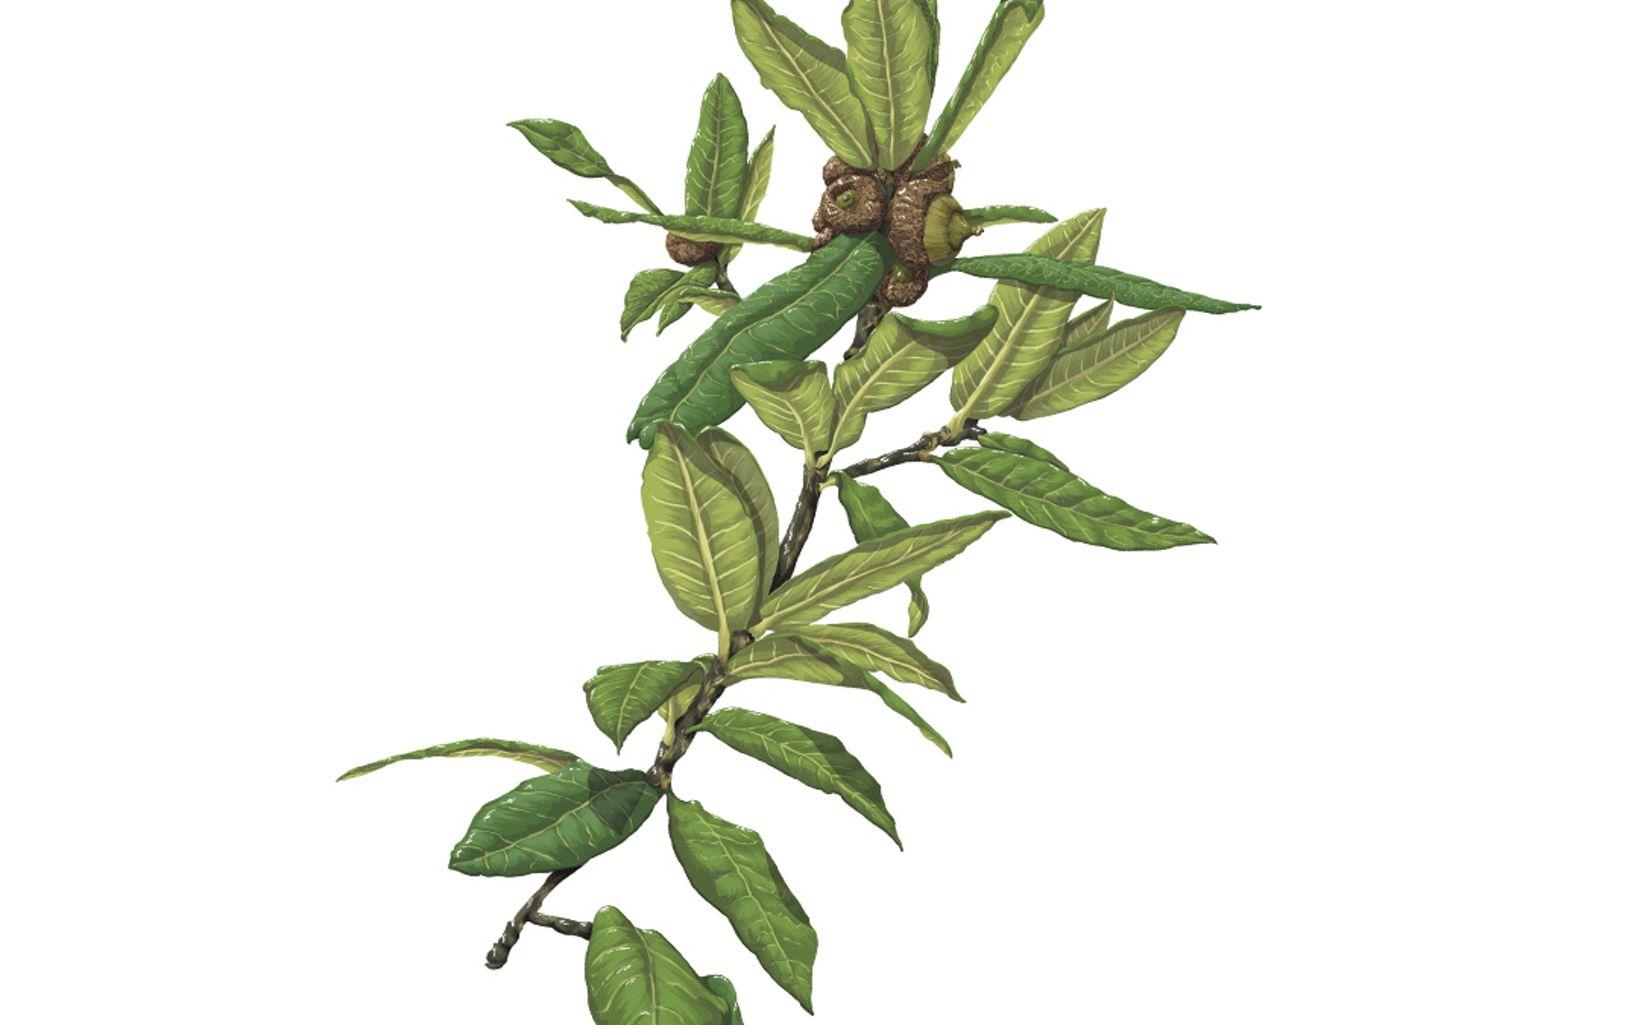 Quercus humboldtii. Esta importante especie focal es hábitat de orquídeas, aves, roedores, reptiles e insectos. Funciona en barreras rompevientos y protege quebradas.